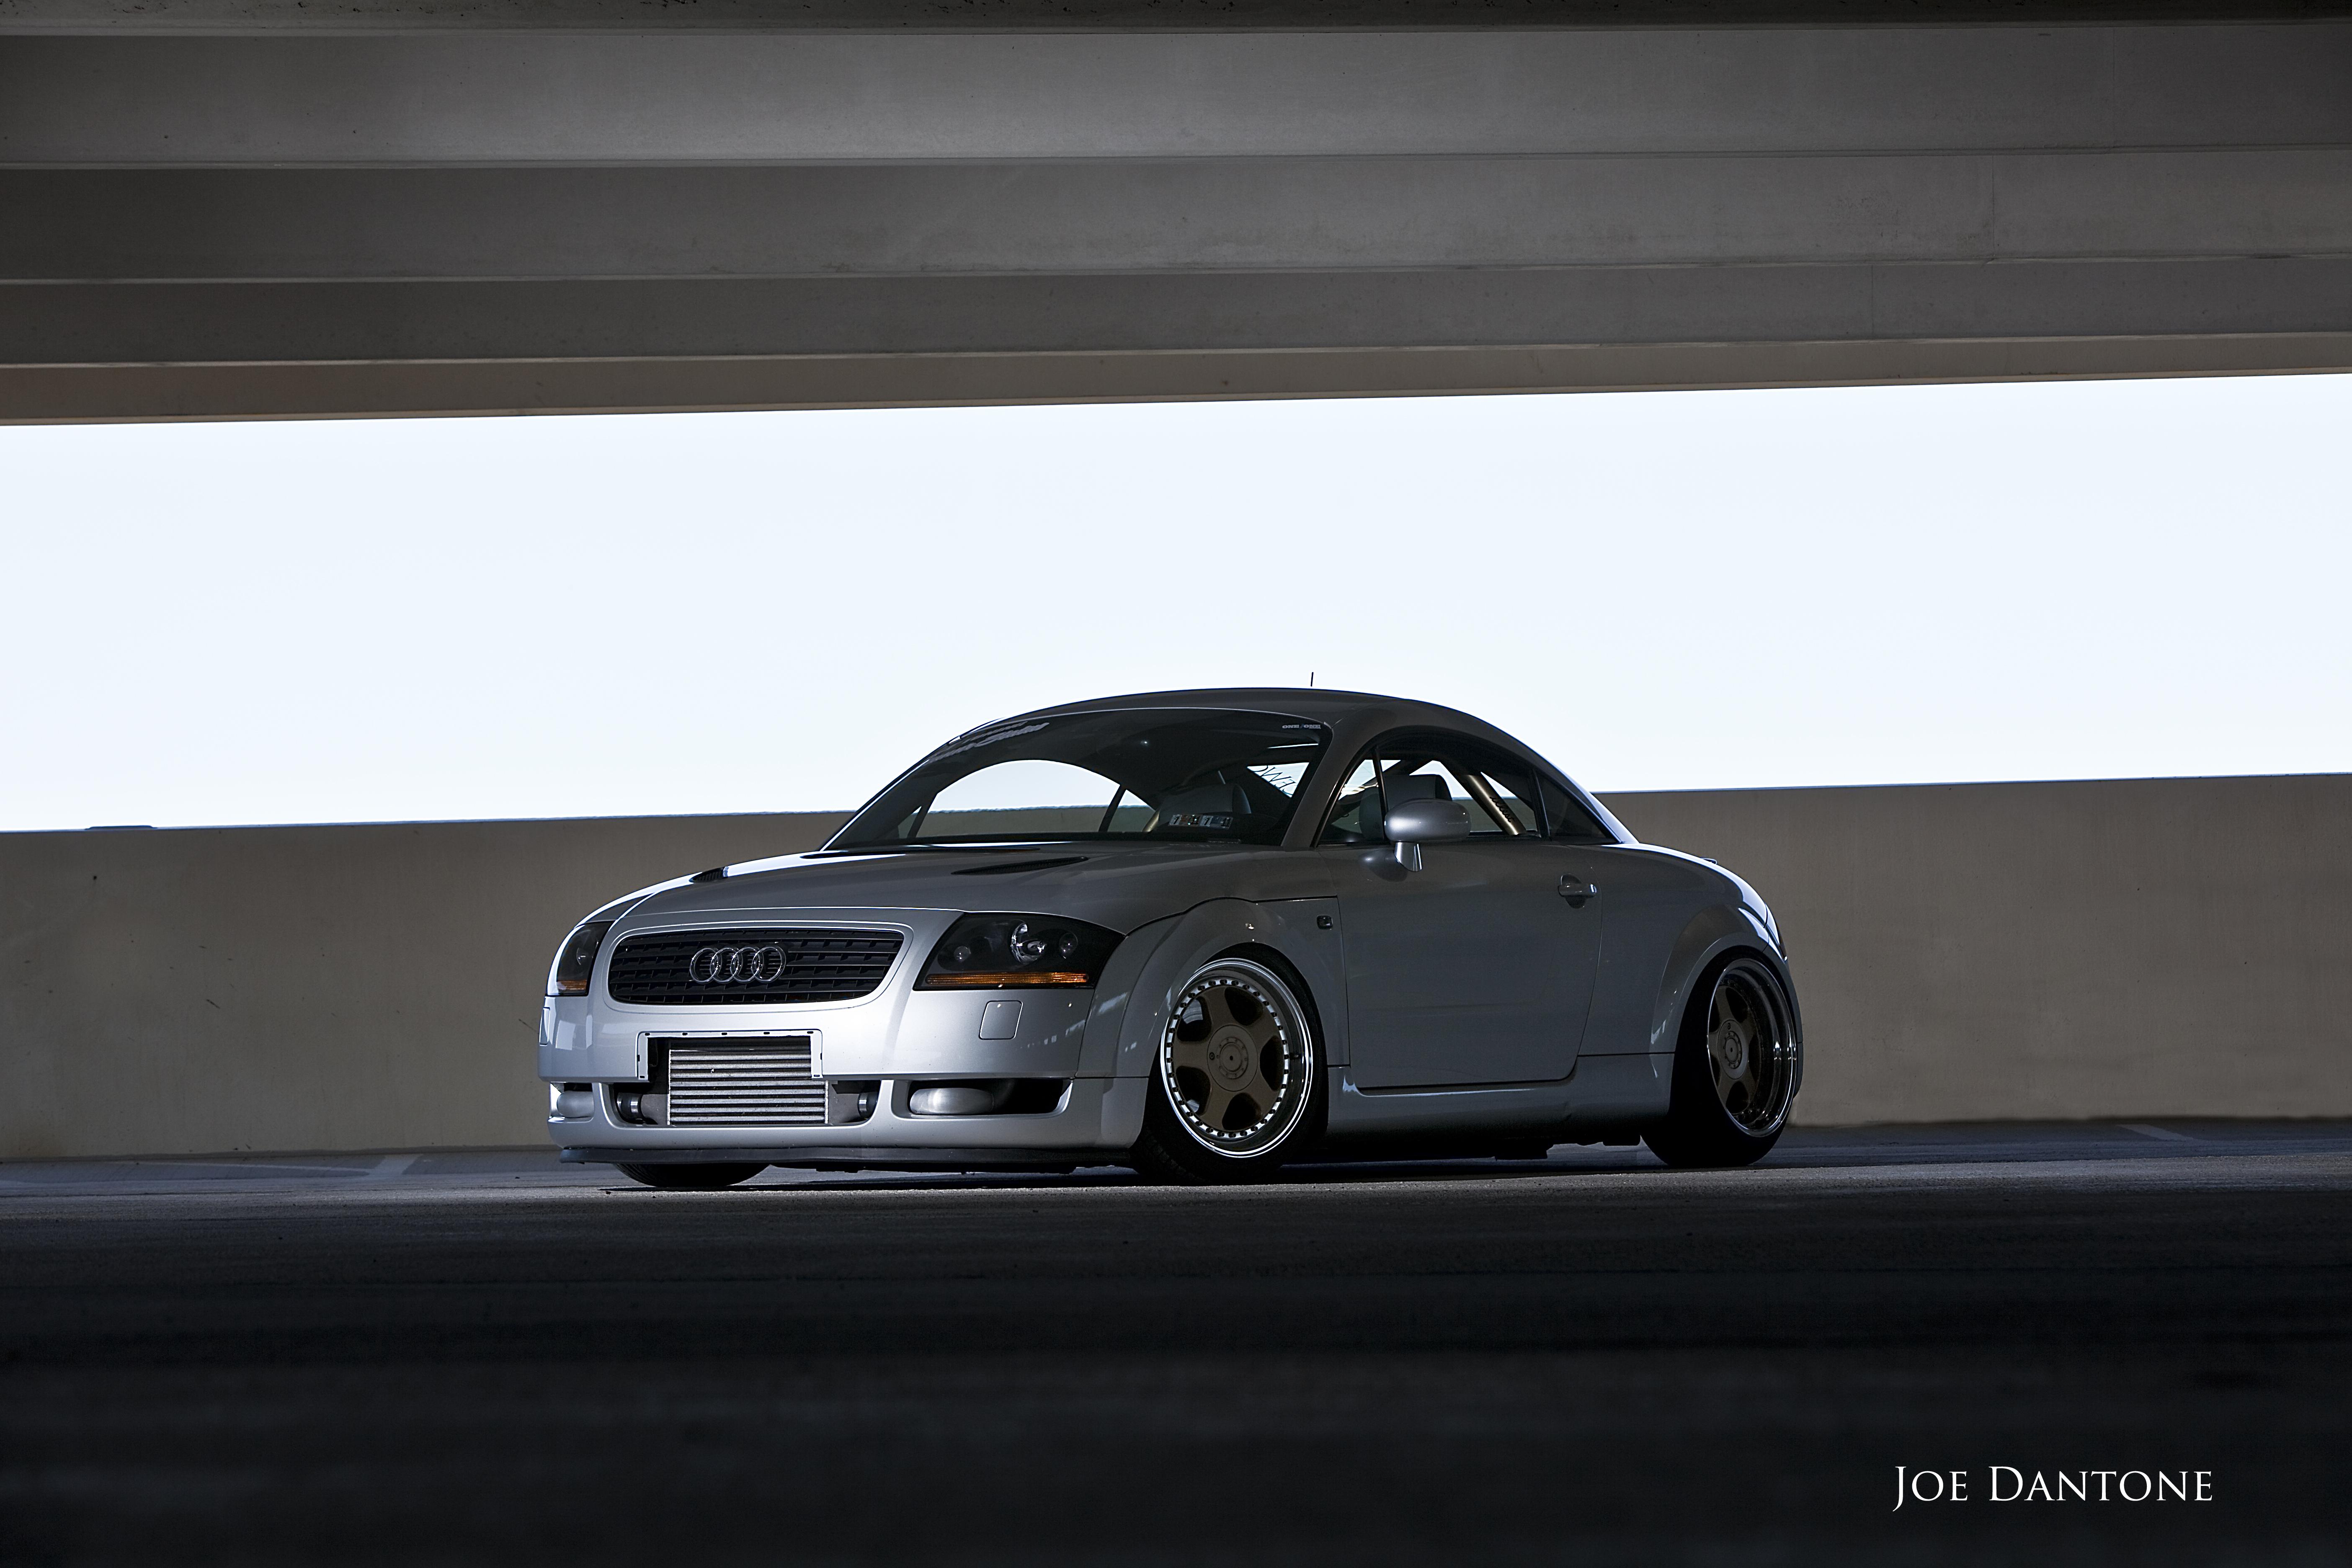 rocks this sick Audi TT.